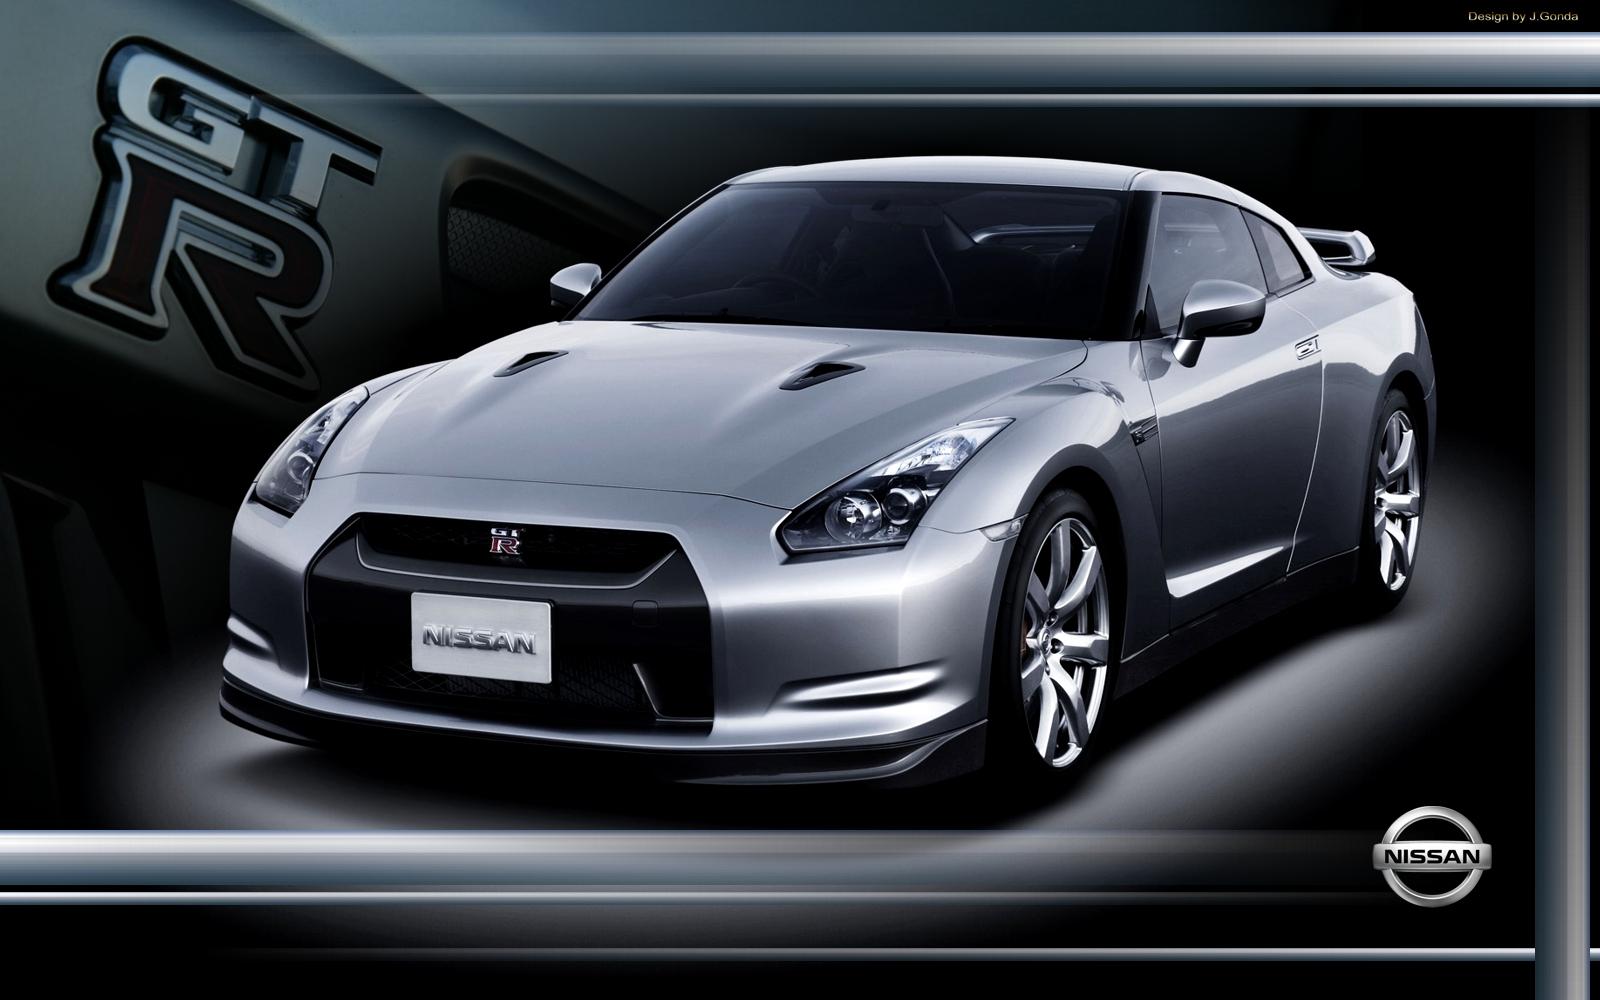 Nissan GTR Desktop Wallpaper